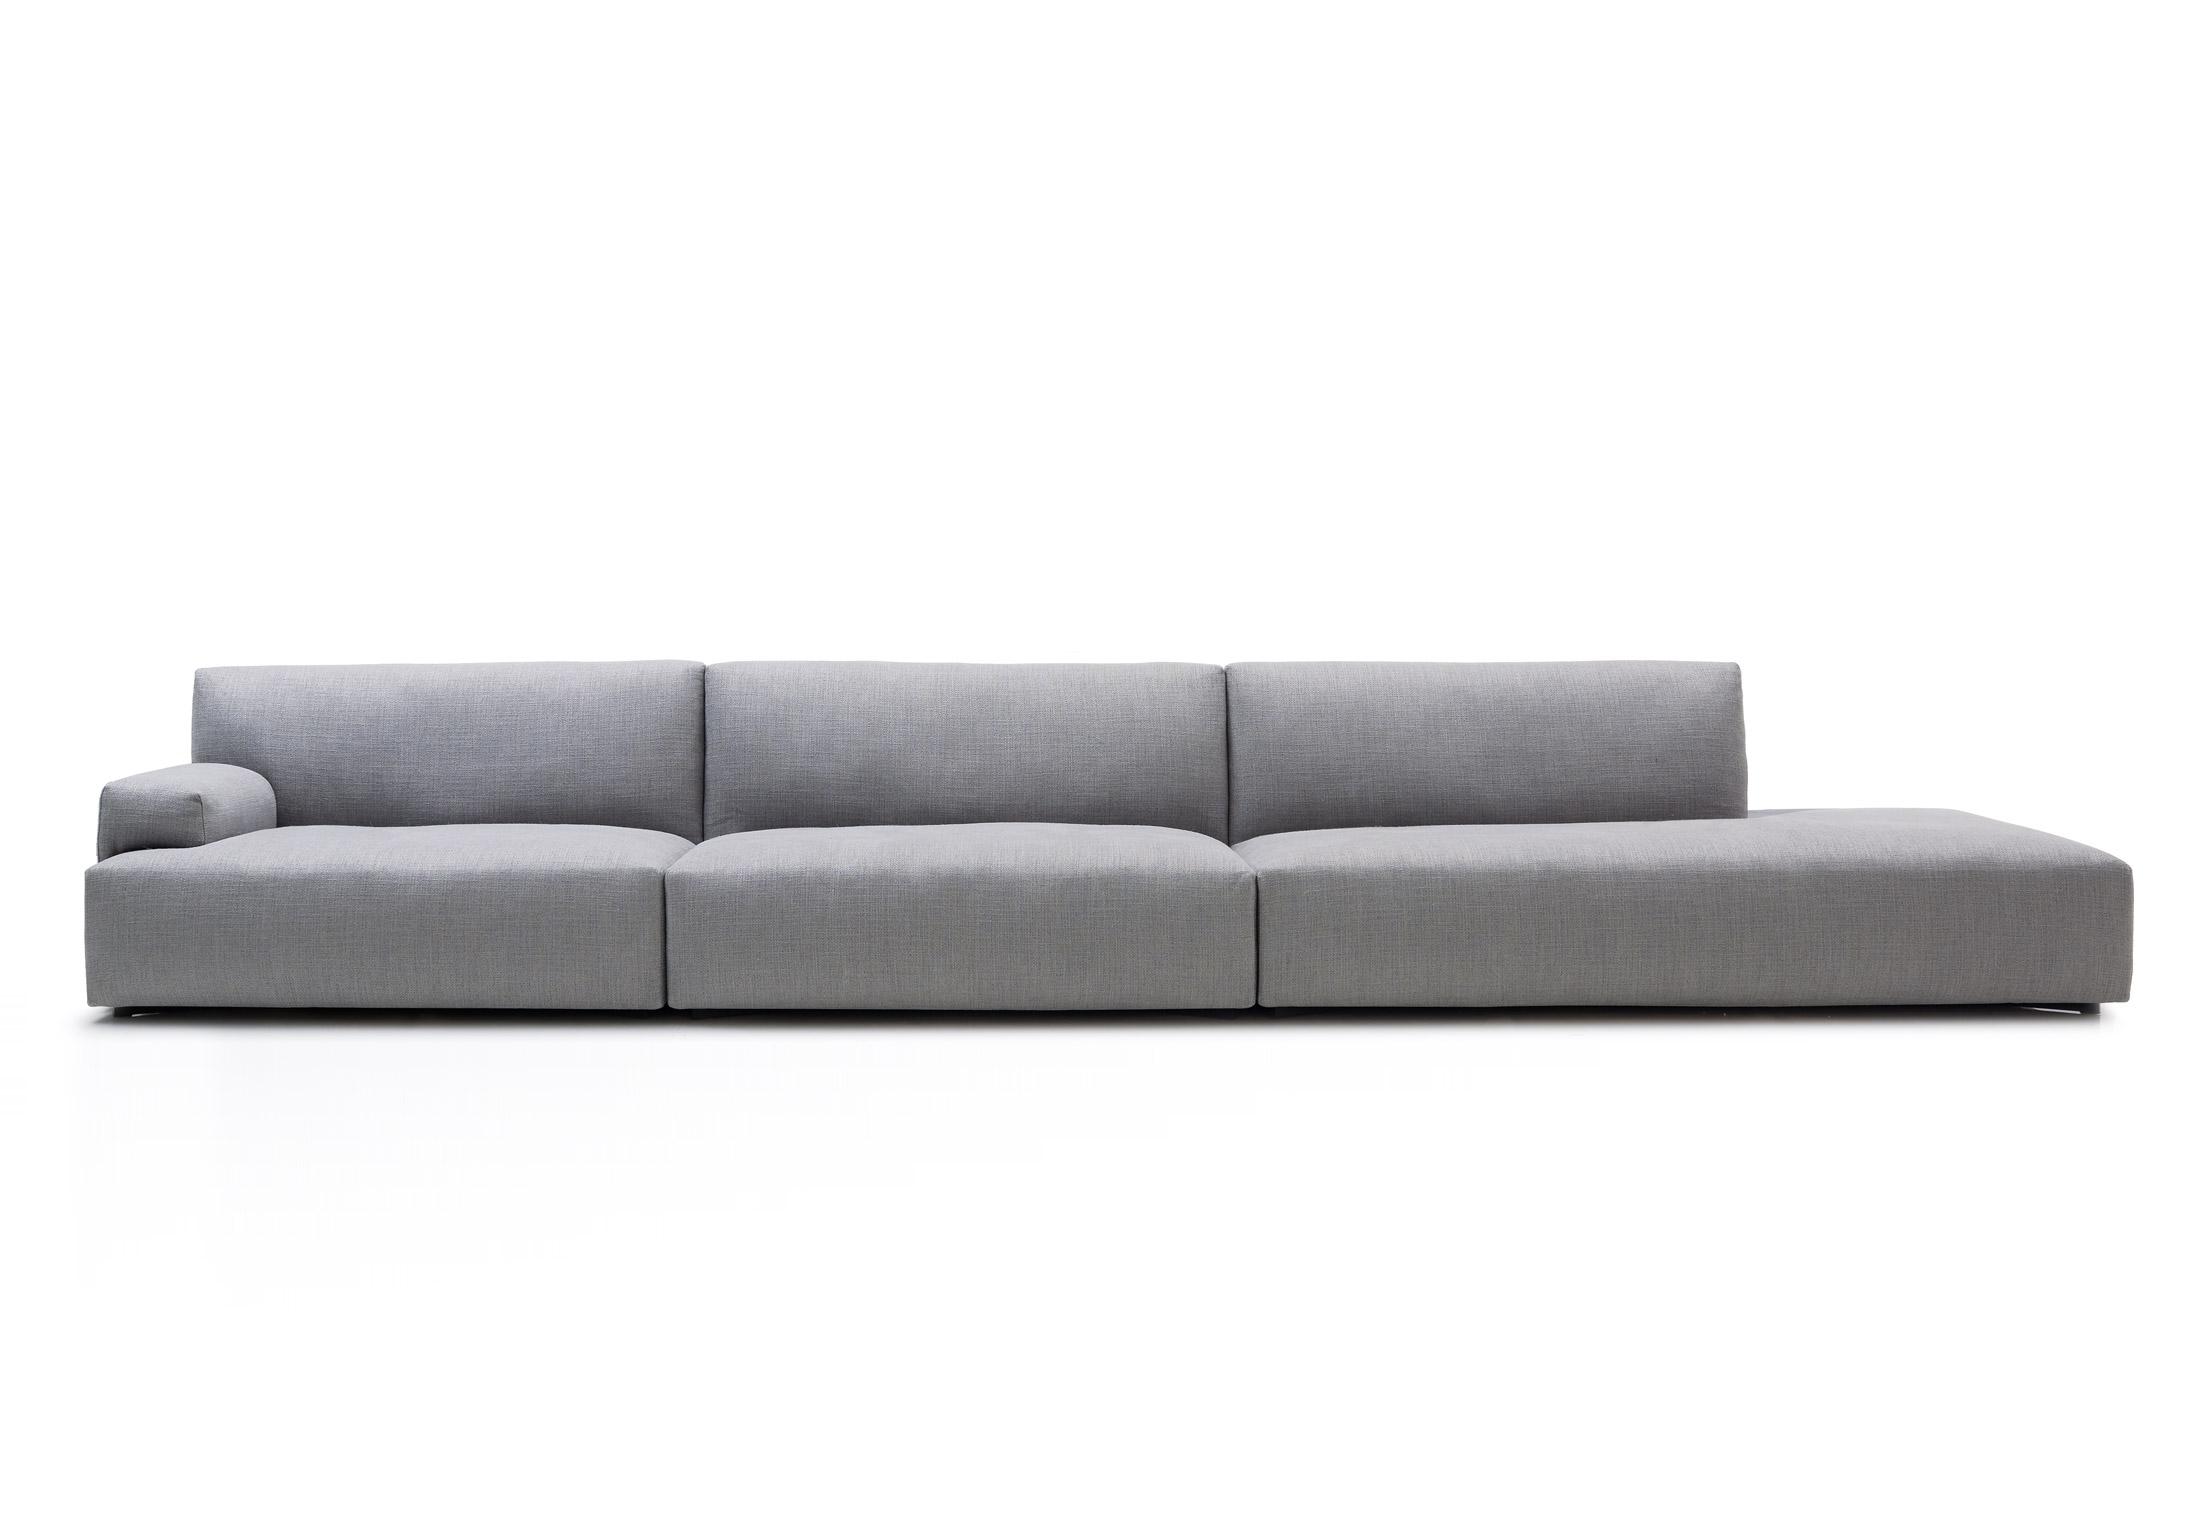 Ansprechend Sofa Mit Abnehmbaren Bezug Referenz Von Soho